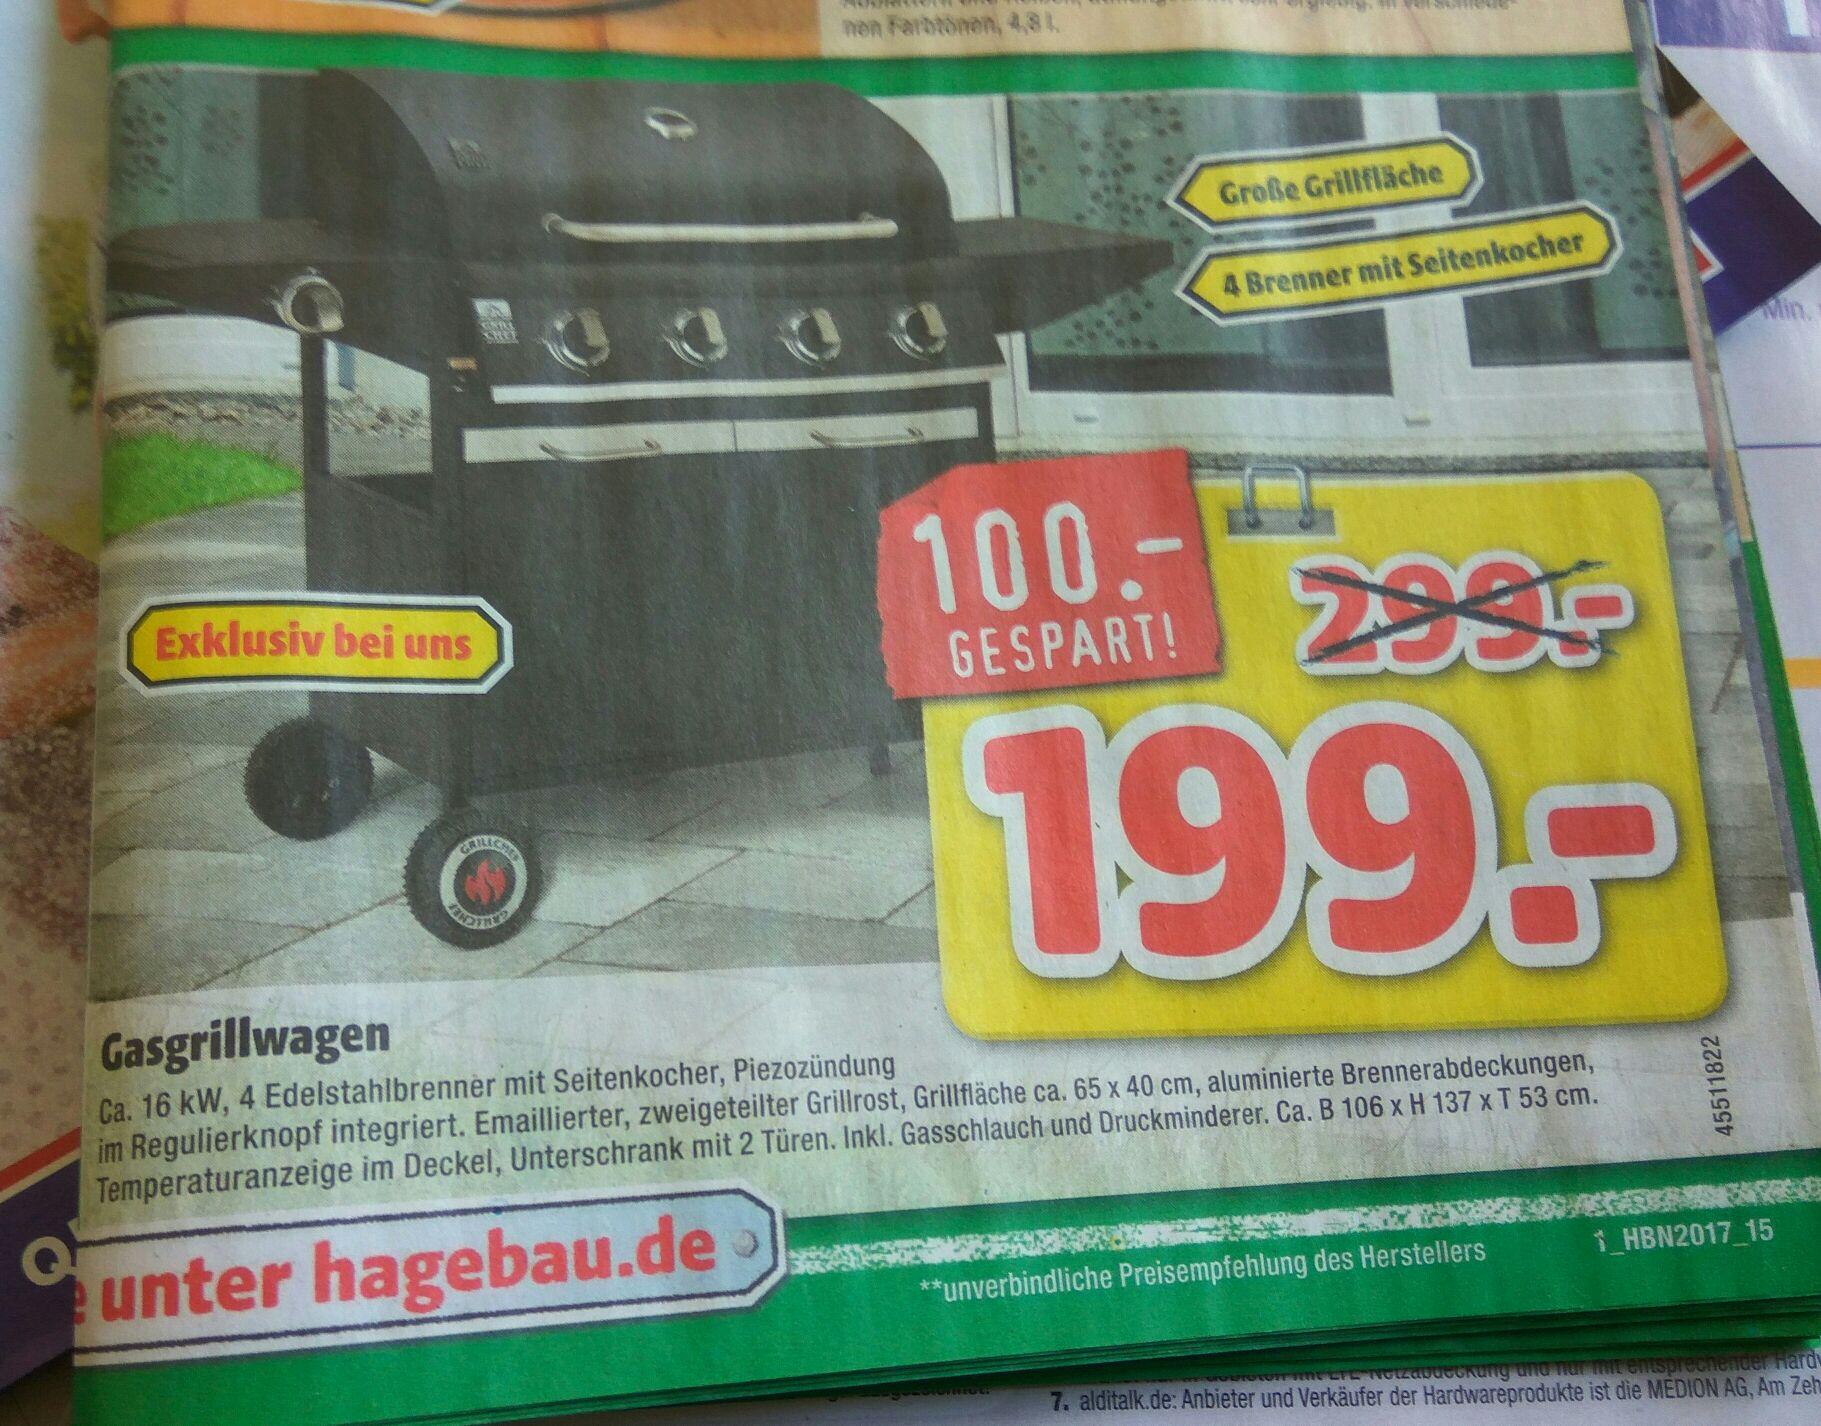 hagebaumarkt grillchef by landmann gasgrillwagen 4 1 brenner. Black Bedroom Furniture Sets. Home Design Ideas